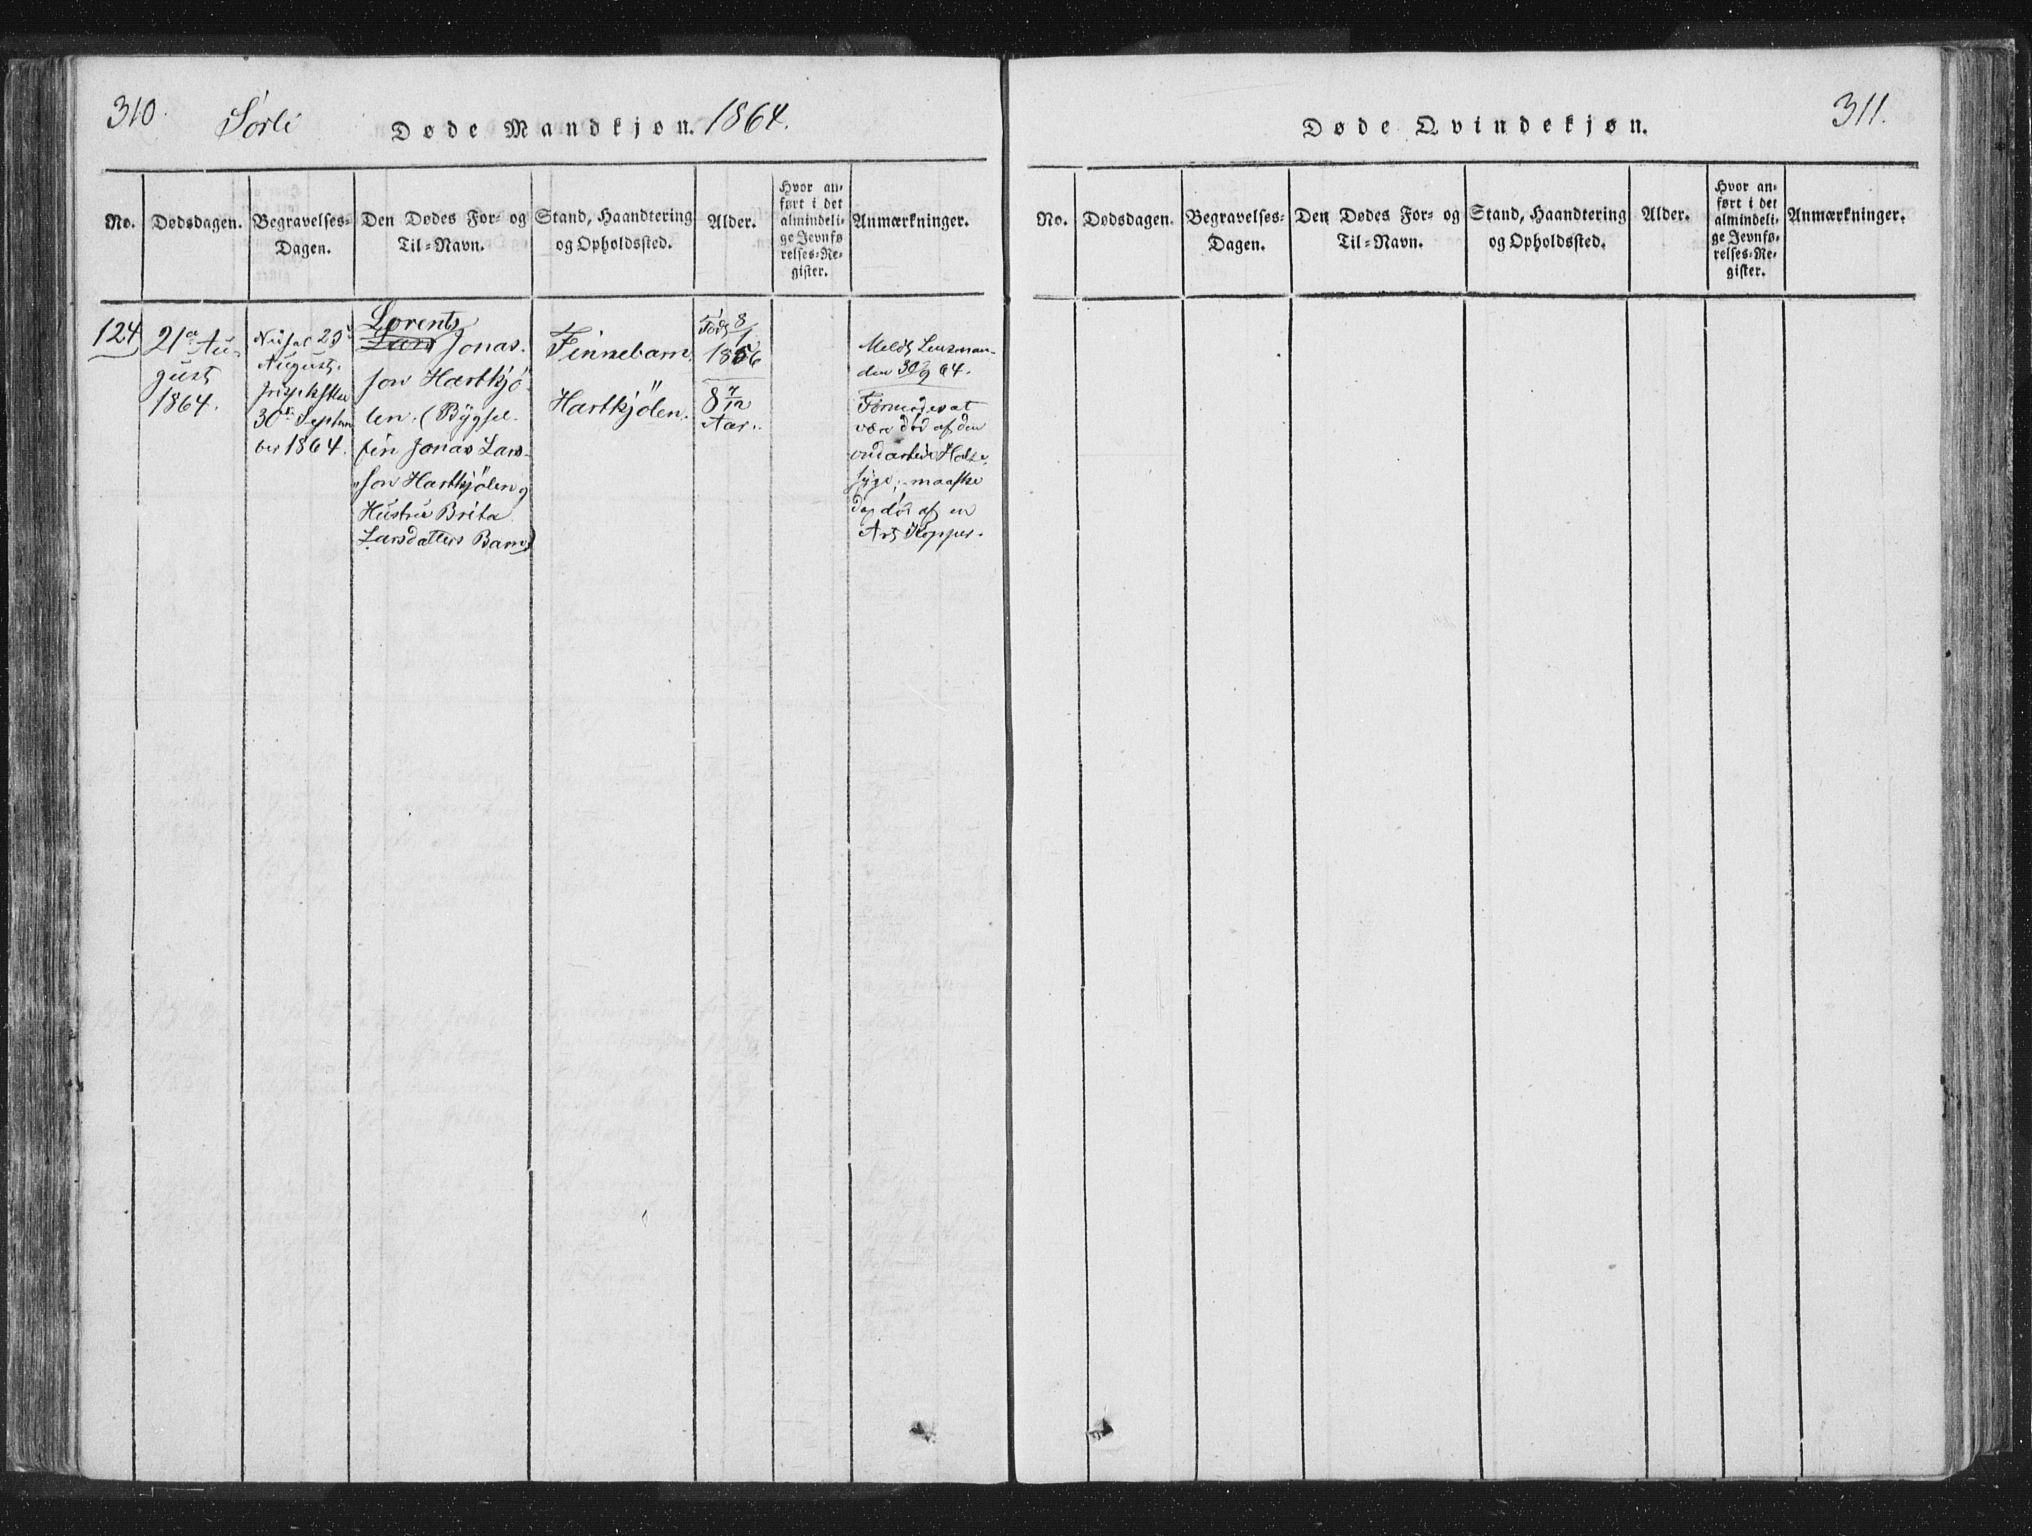 SAT, Ministerialprotokoller, klokkerbøker og fødselsregistre - Nord-Trøndelag, 755/L0491: Ministerialbok nr. 755A01 /2, 1817-1864, s. 310-311